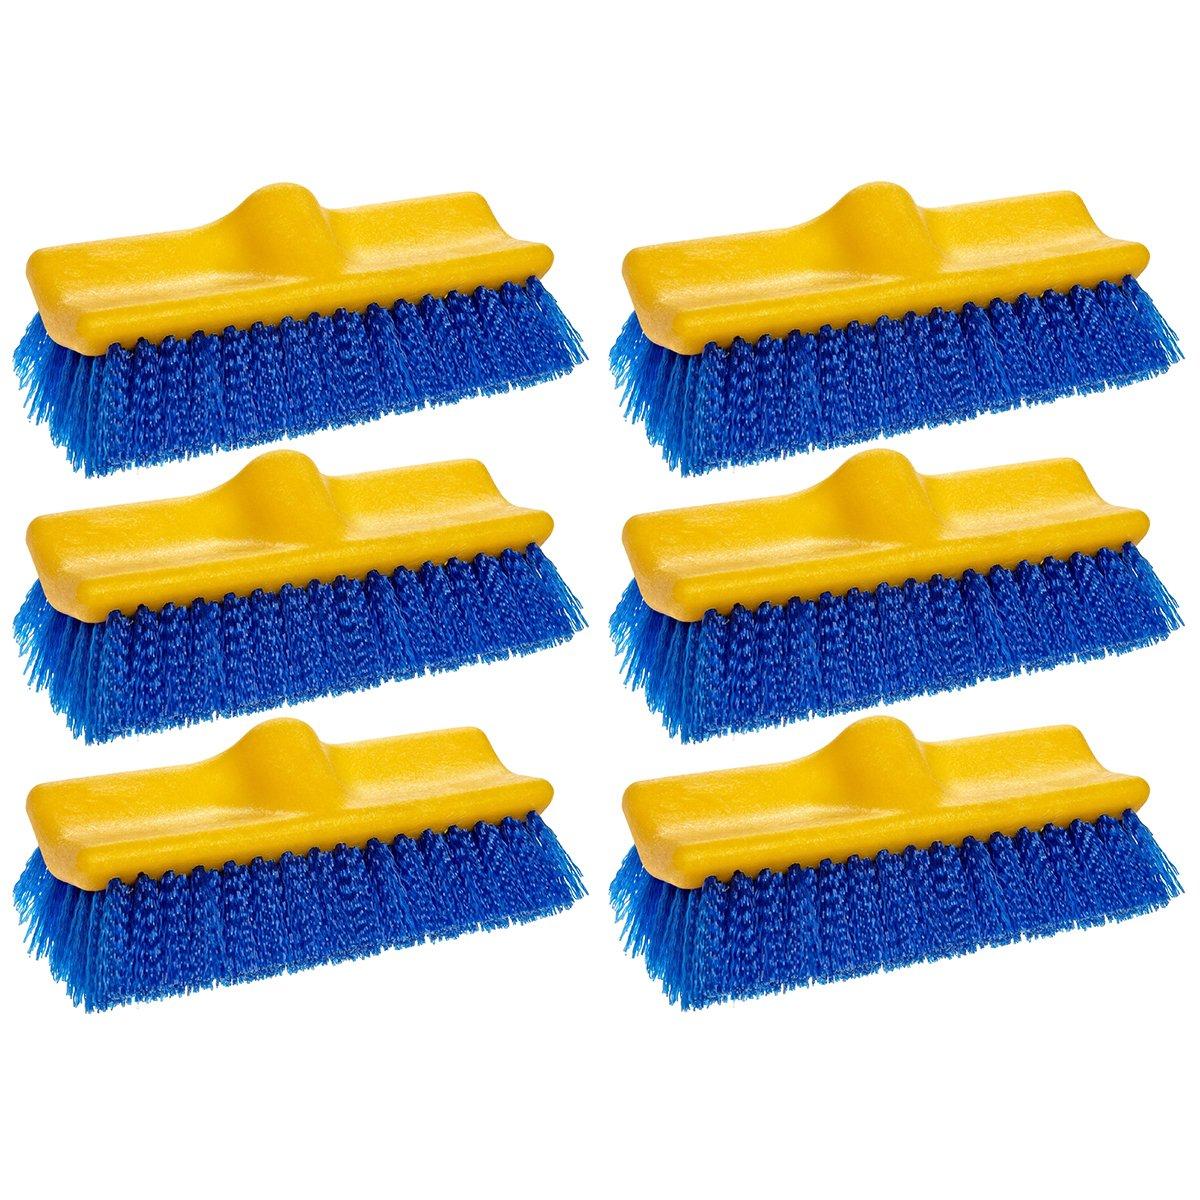 Rubbermaid Commercial Floor Scrub Brush, 10'', Blue, FG633700BLUE (6 Brushes)